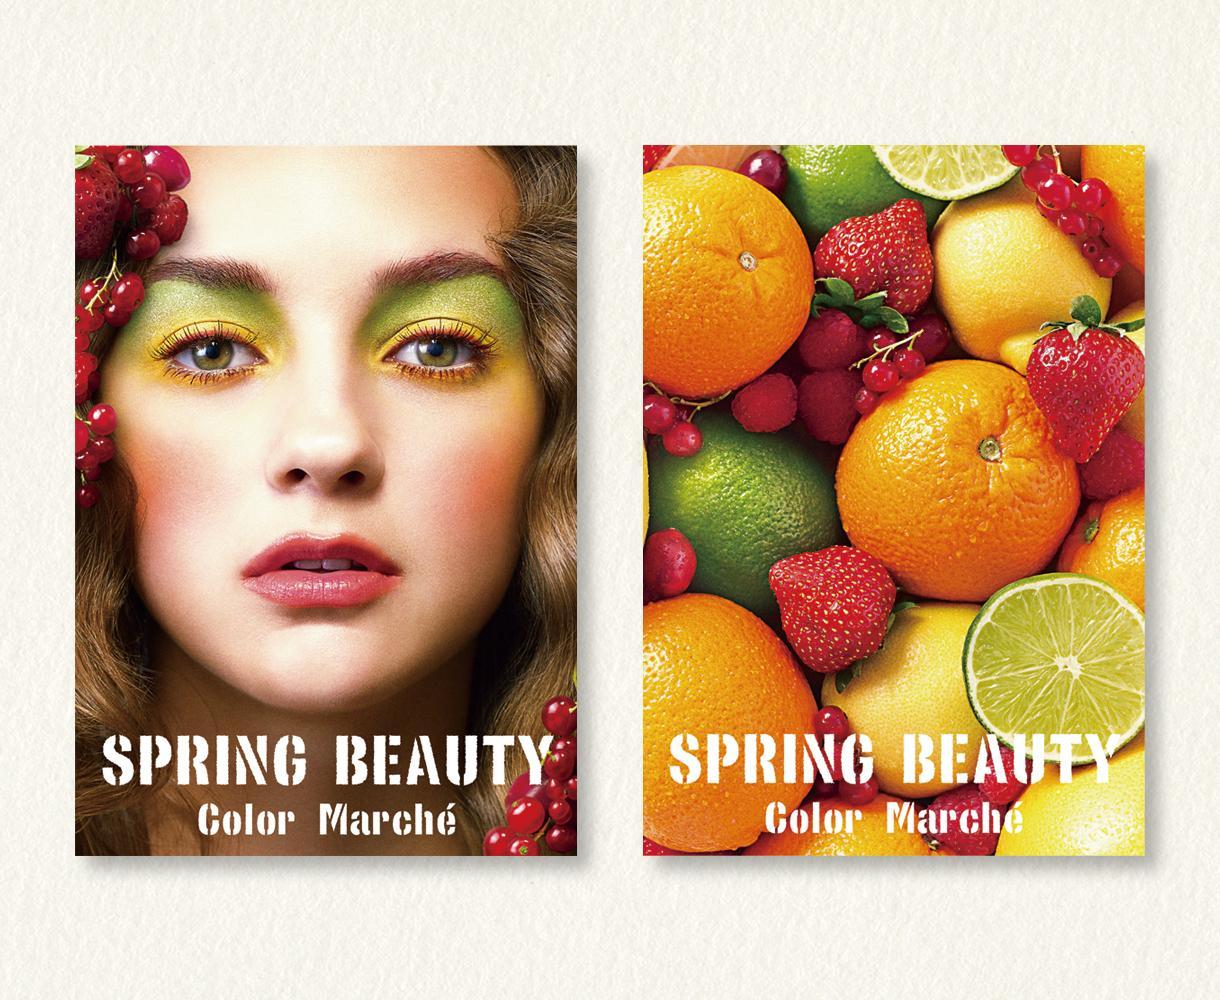 集客力アップ!ポスターのデザイン承ります 店頭を彩るおしゃれなポスターで注目度を上げましょう。